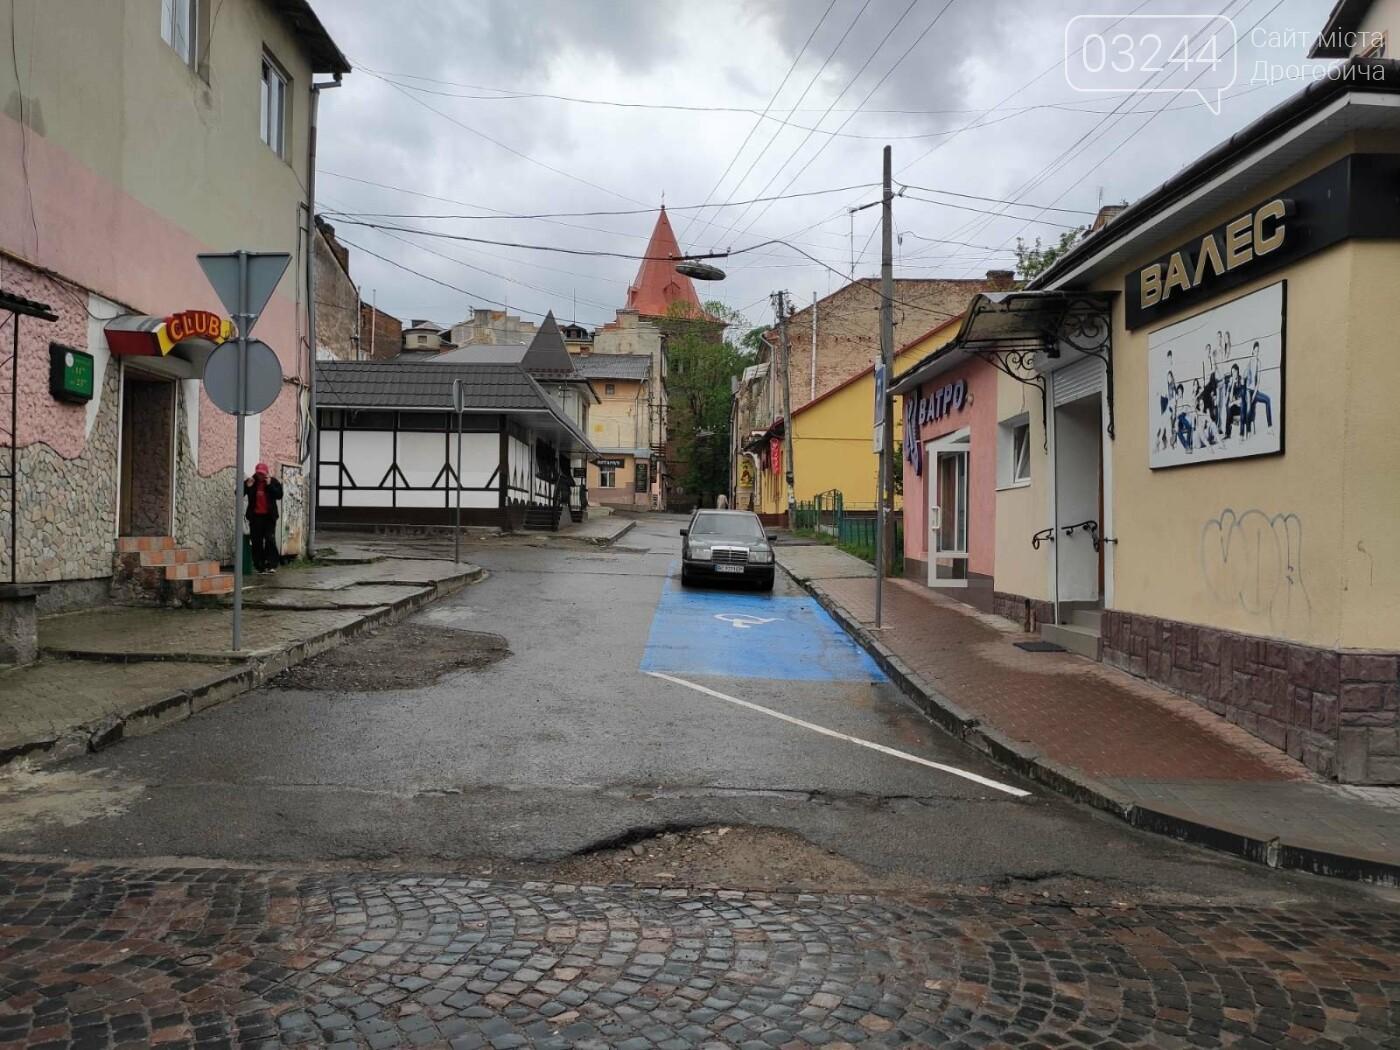 Після запуску платної системи паркування у центрі міста суттєво поменшало машин, - ФОТОРЕПОРТАЖ, фото-11